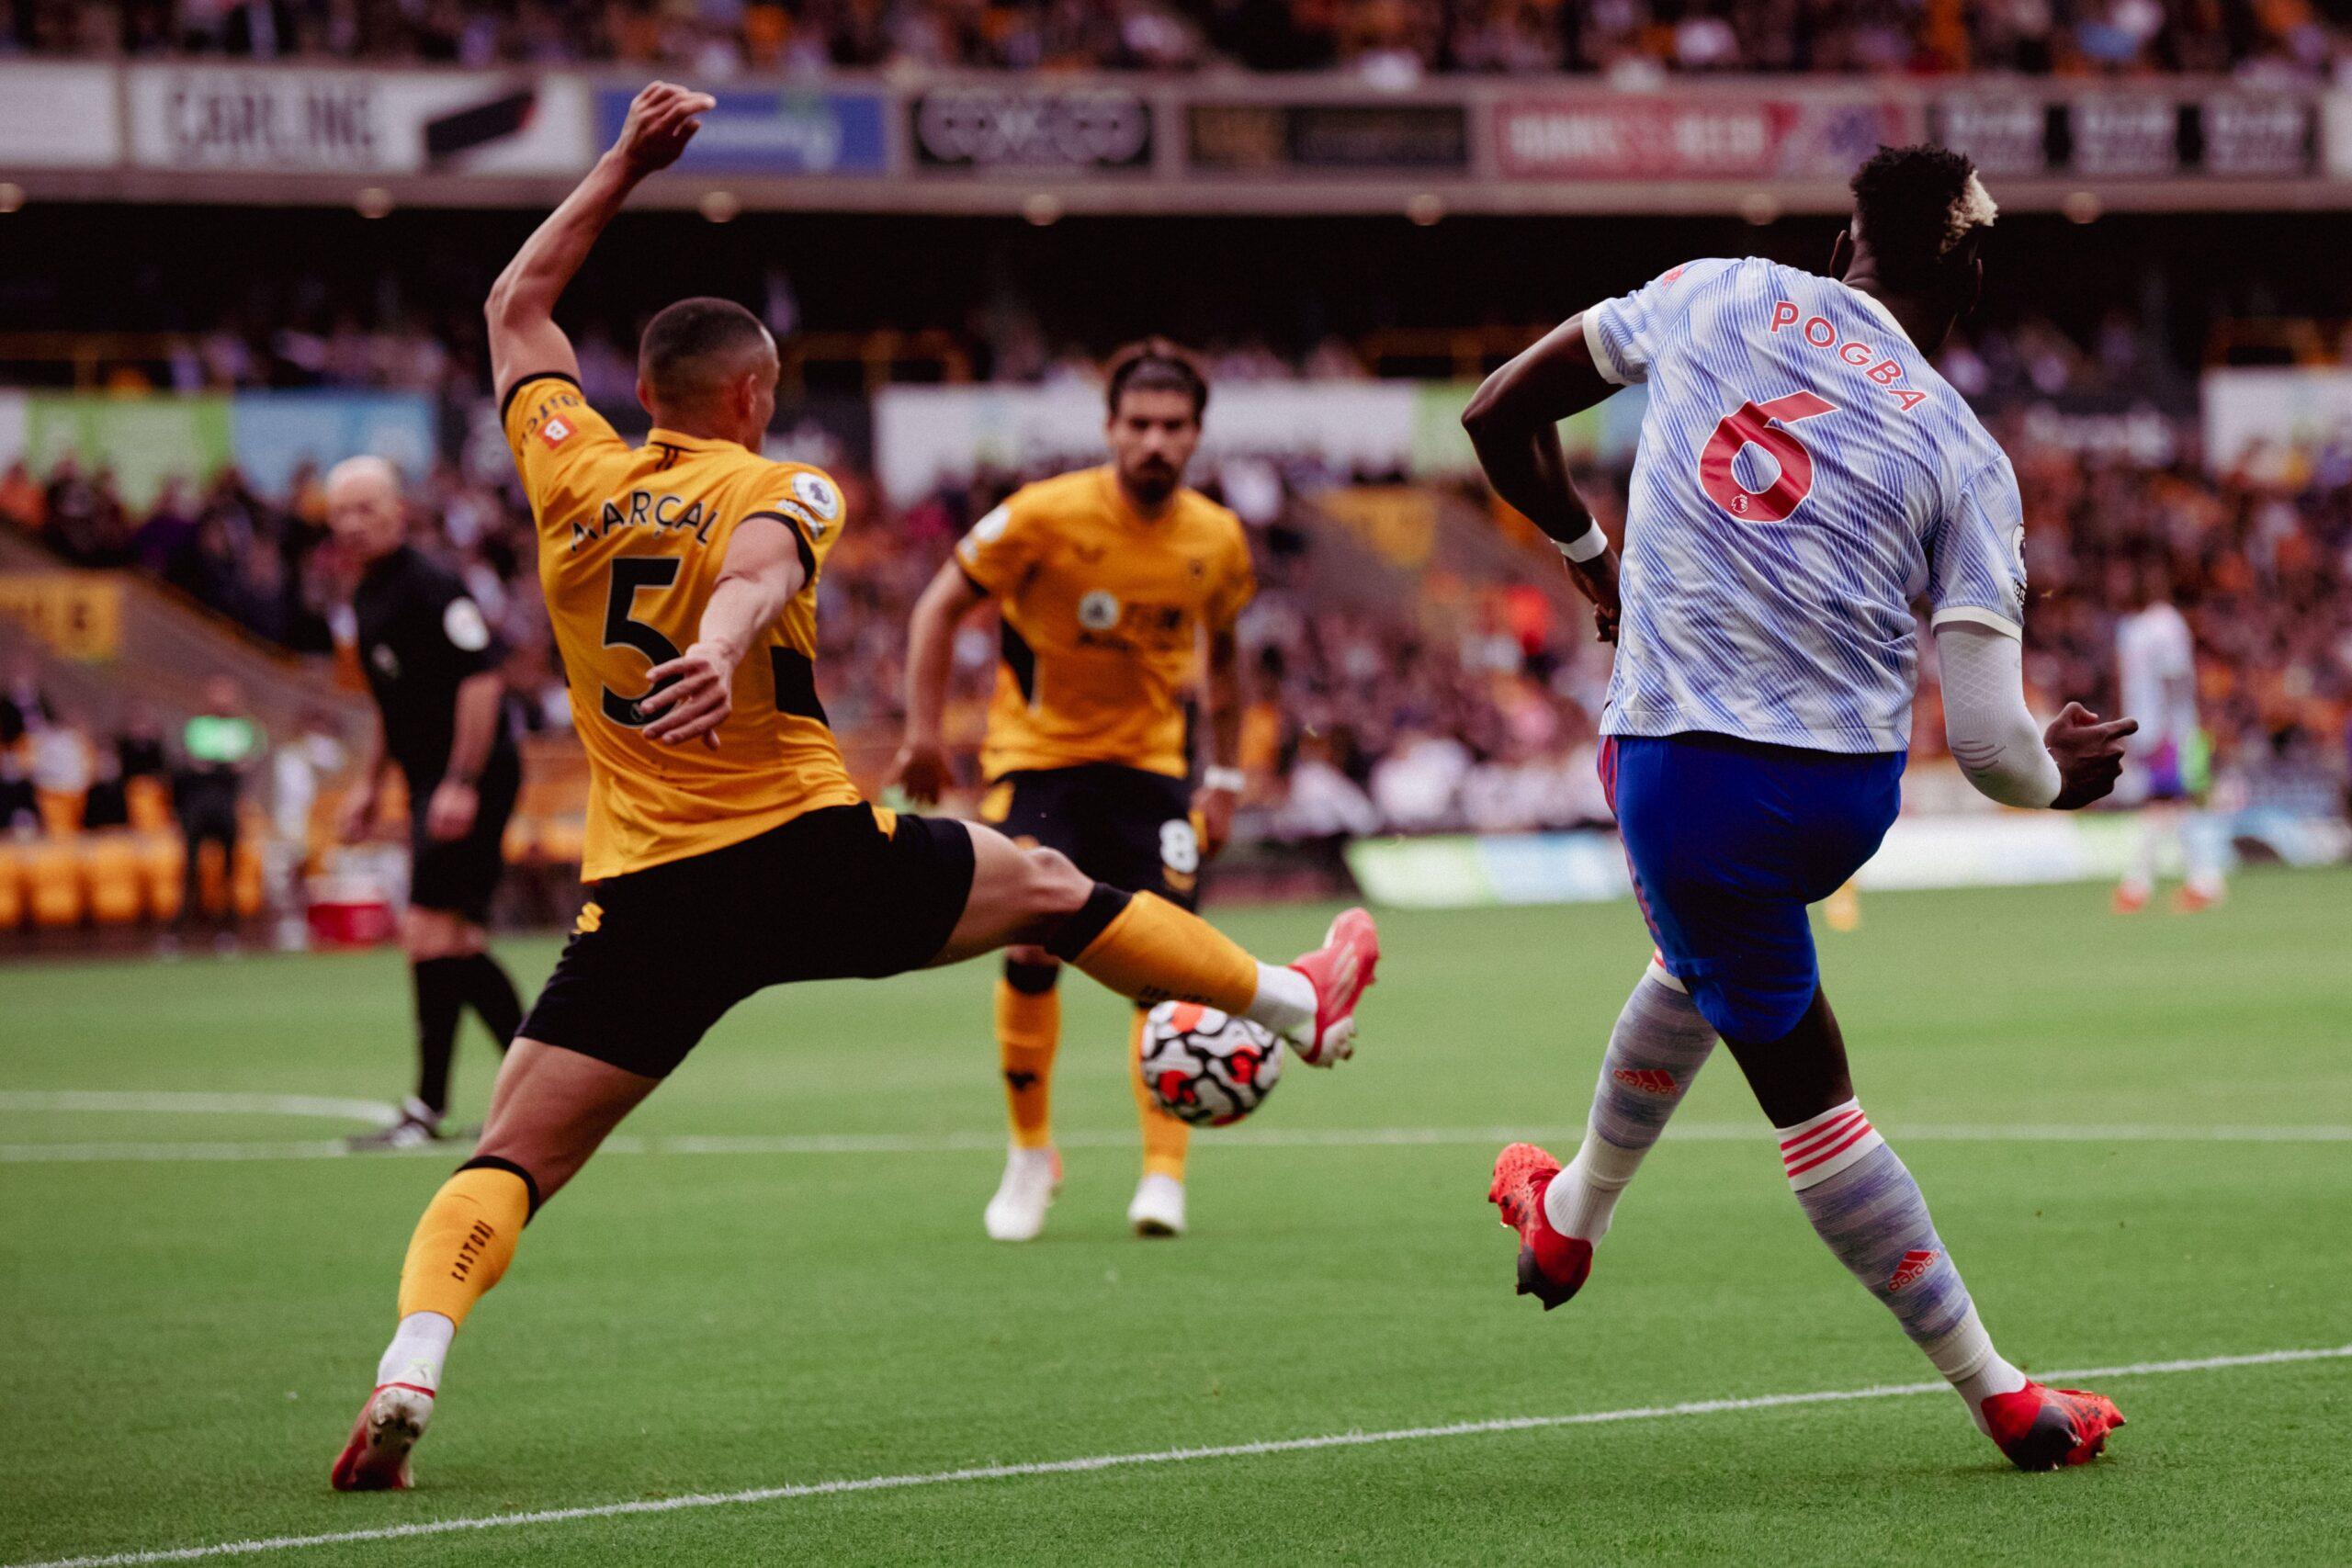 Wolves - Man United (0-1) là trận đấu mới nhất ở Premier League về xỉu khi bắt đầu lúc 22h30 giờ Việt Nam